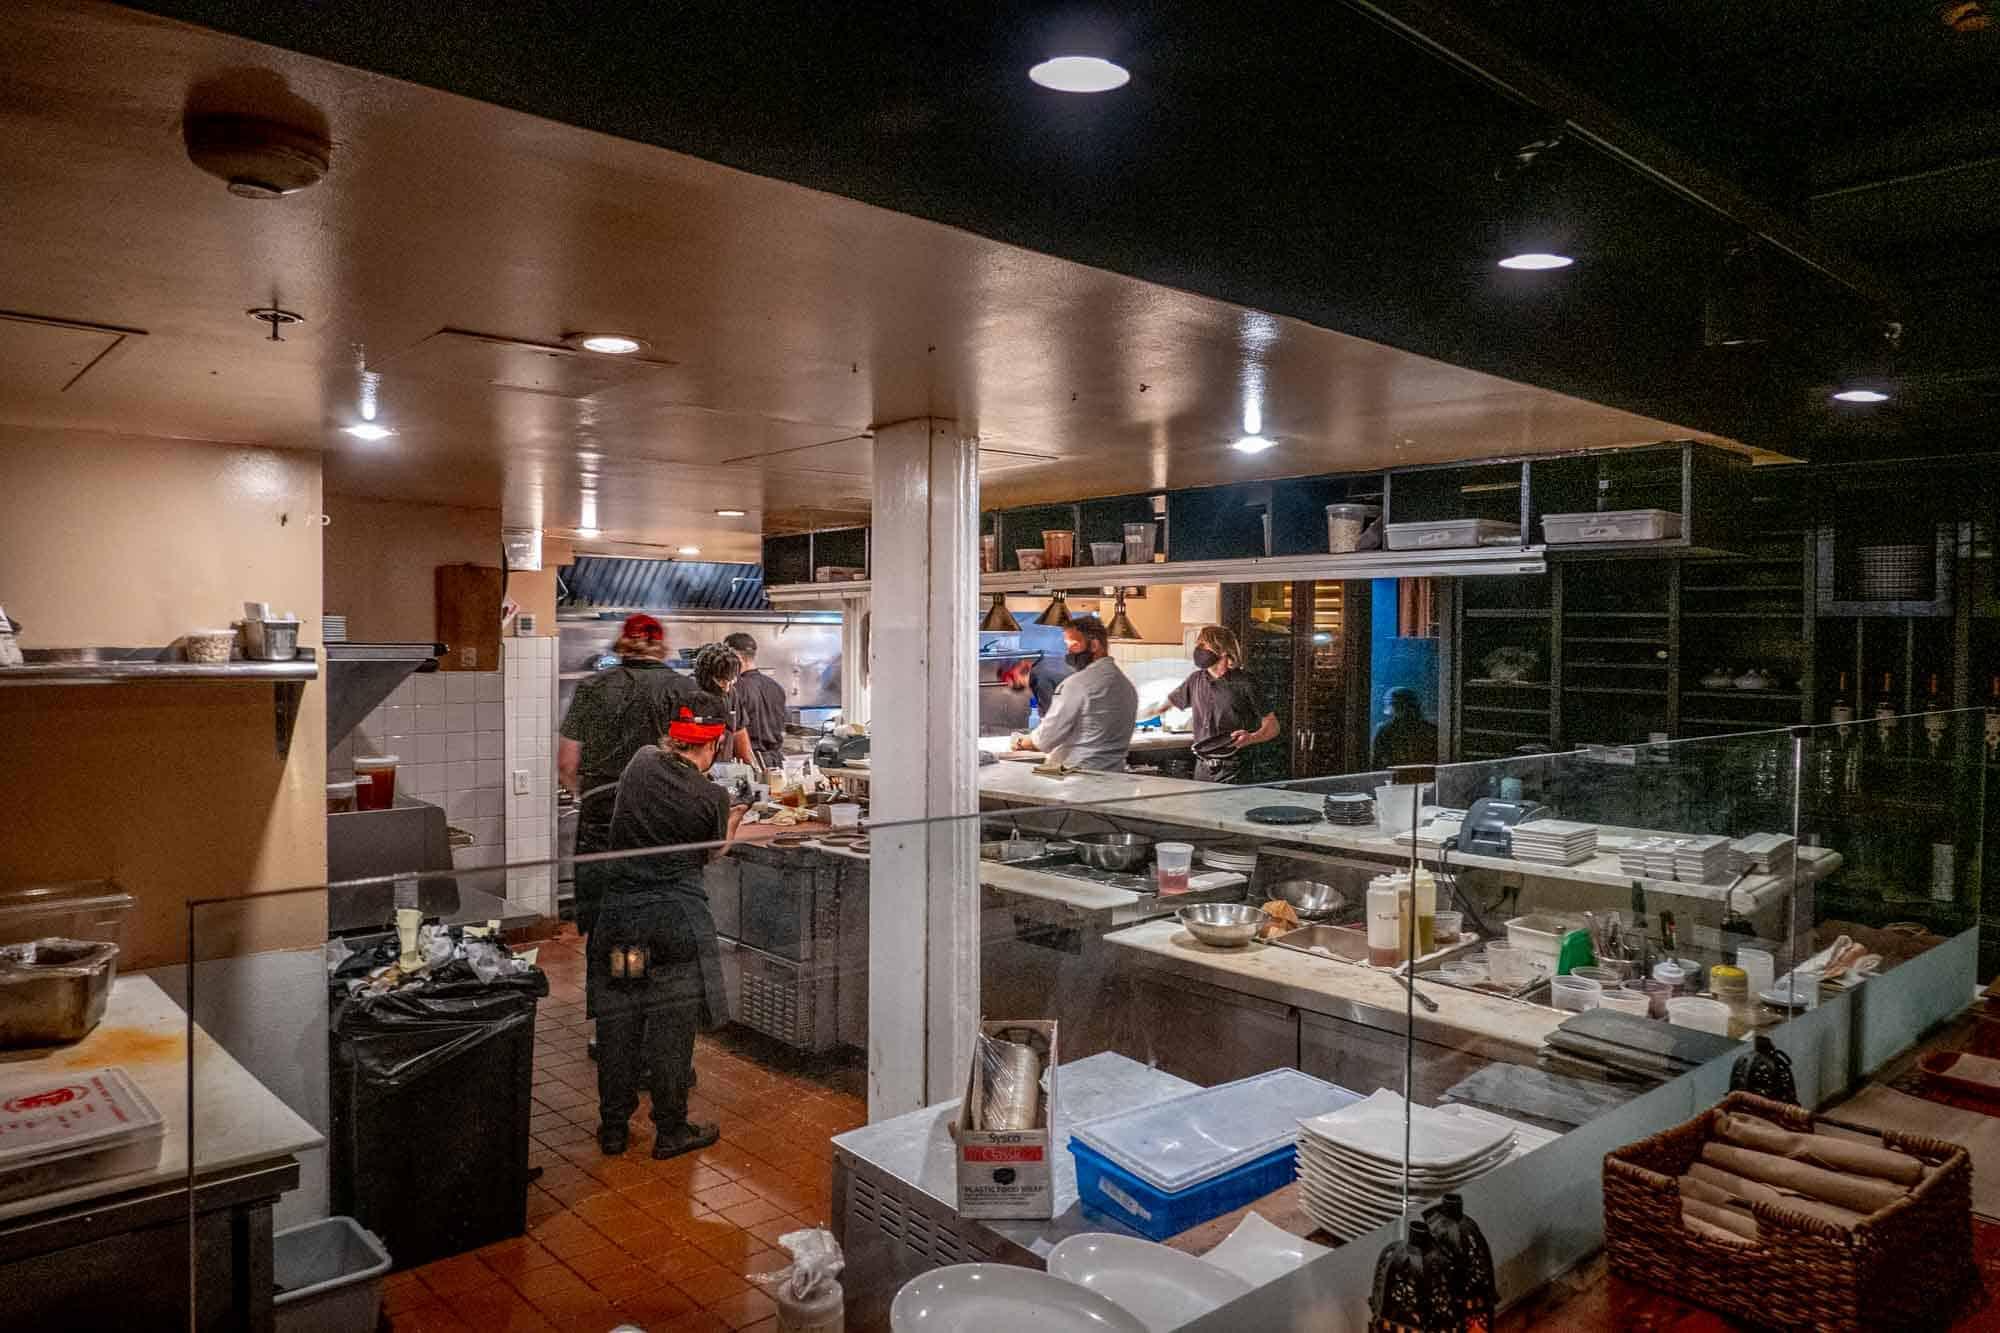 Employees in open restaurant kitchen